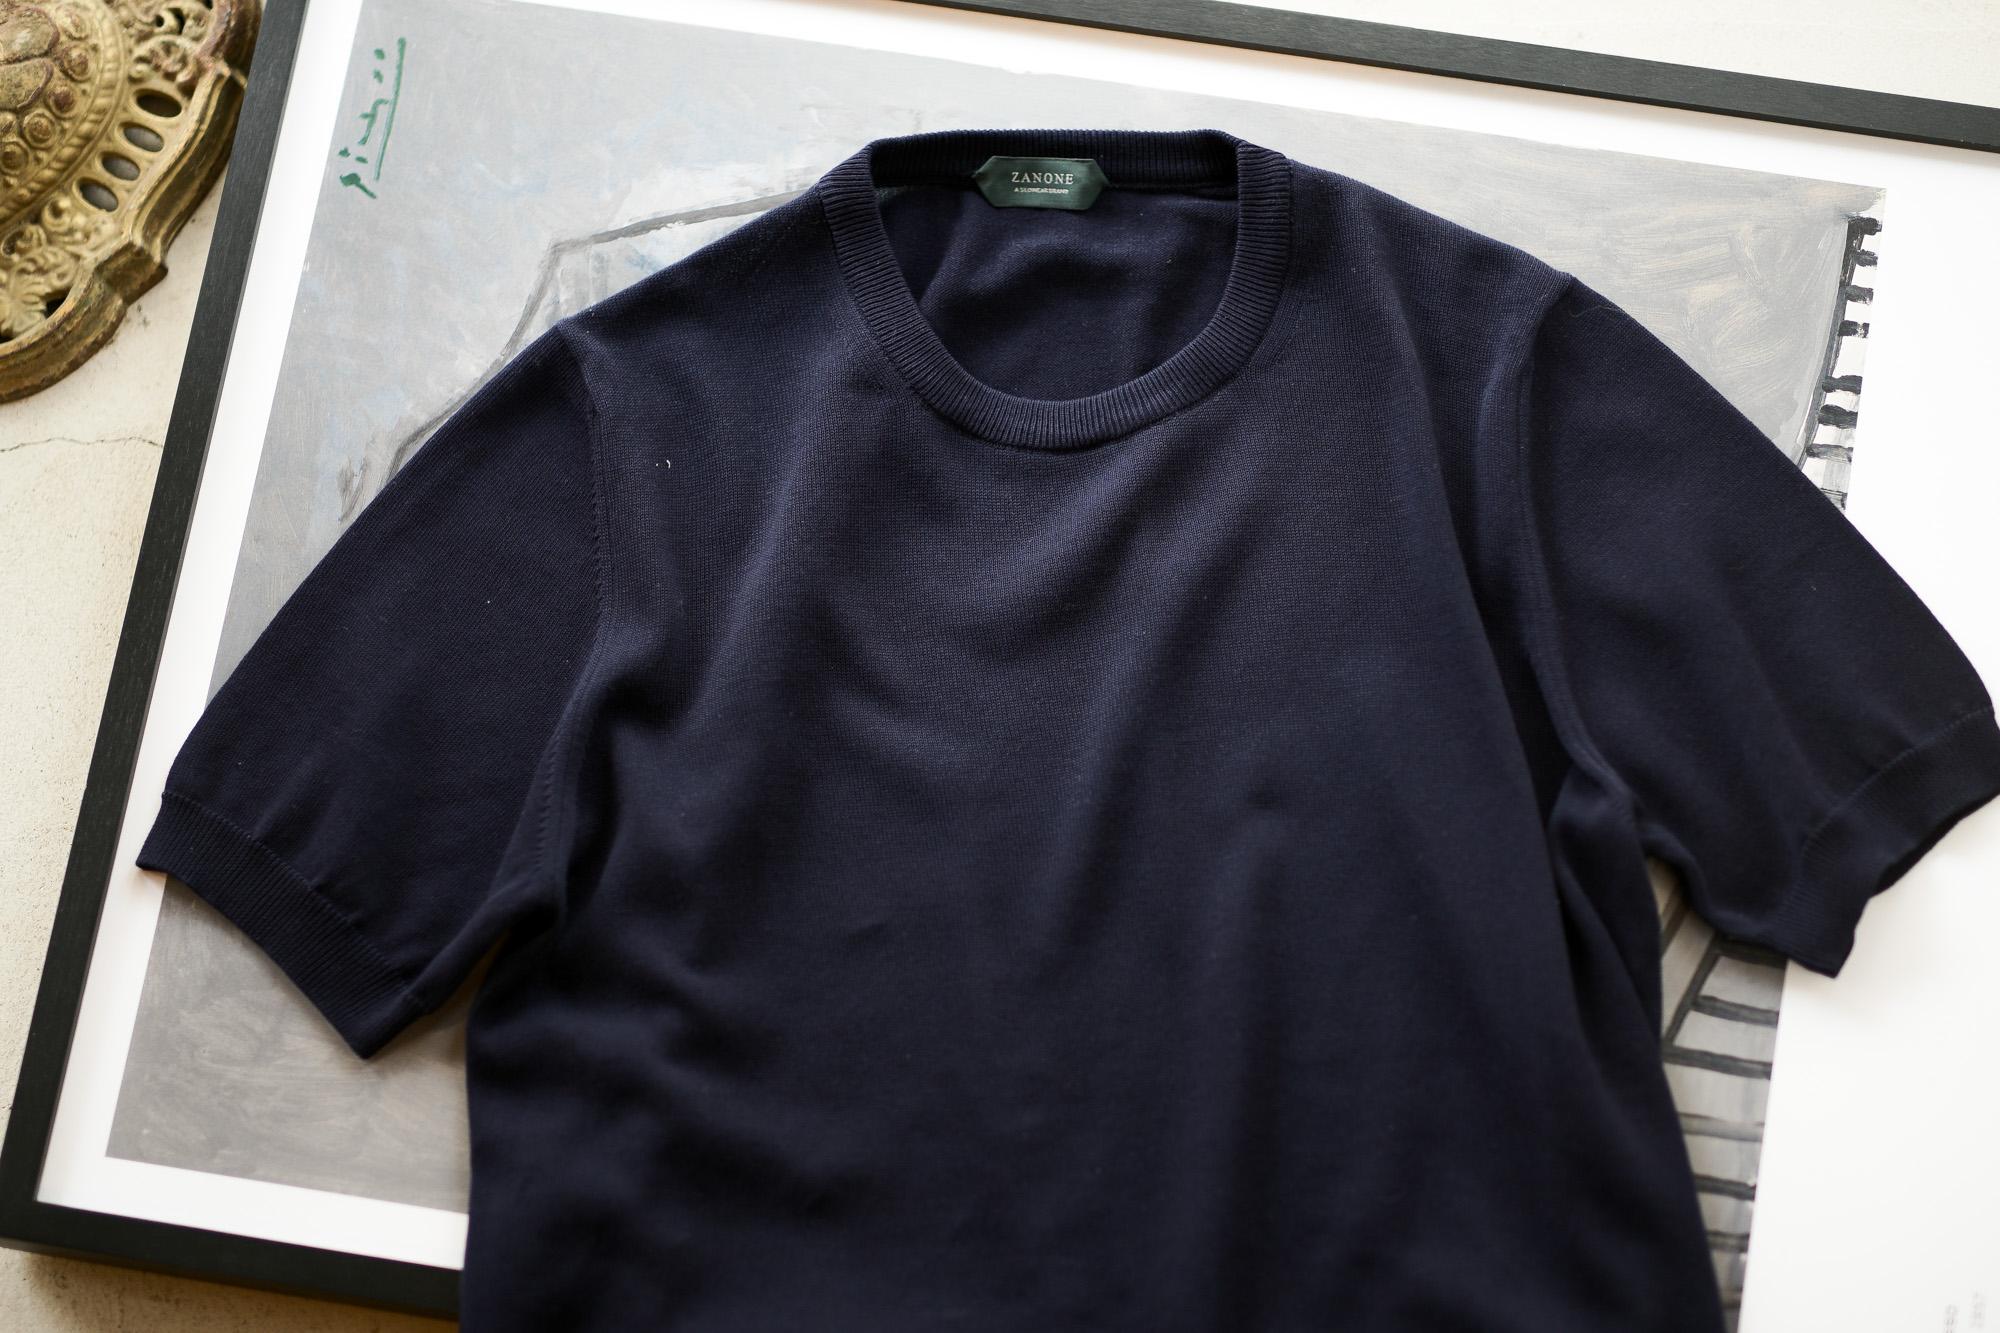 ZANONE(ザノーネ) Knit T-shirt (ニット Tシャツ) コットンニット Tシャツ NAVY (ネイビー・Z0542) made in italy (イタリア製) 2020 春夏新作 愛知 名古屋 altoediritto アルトエデリット